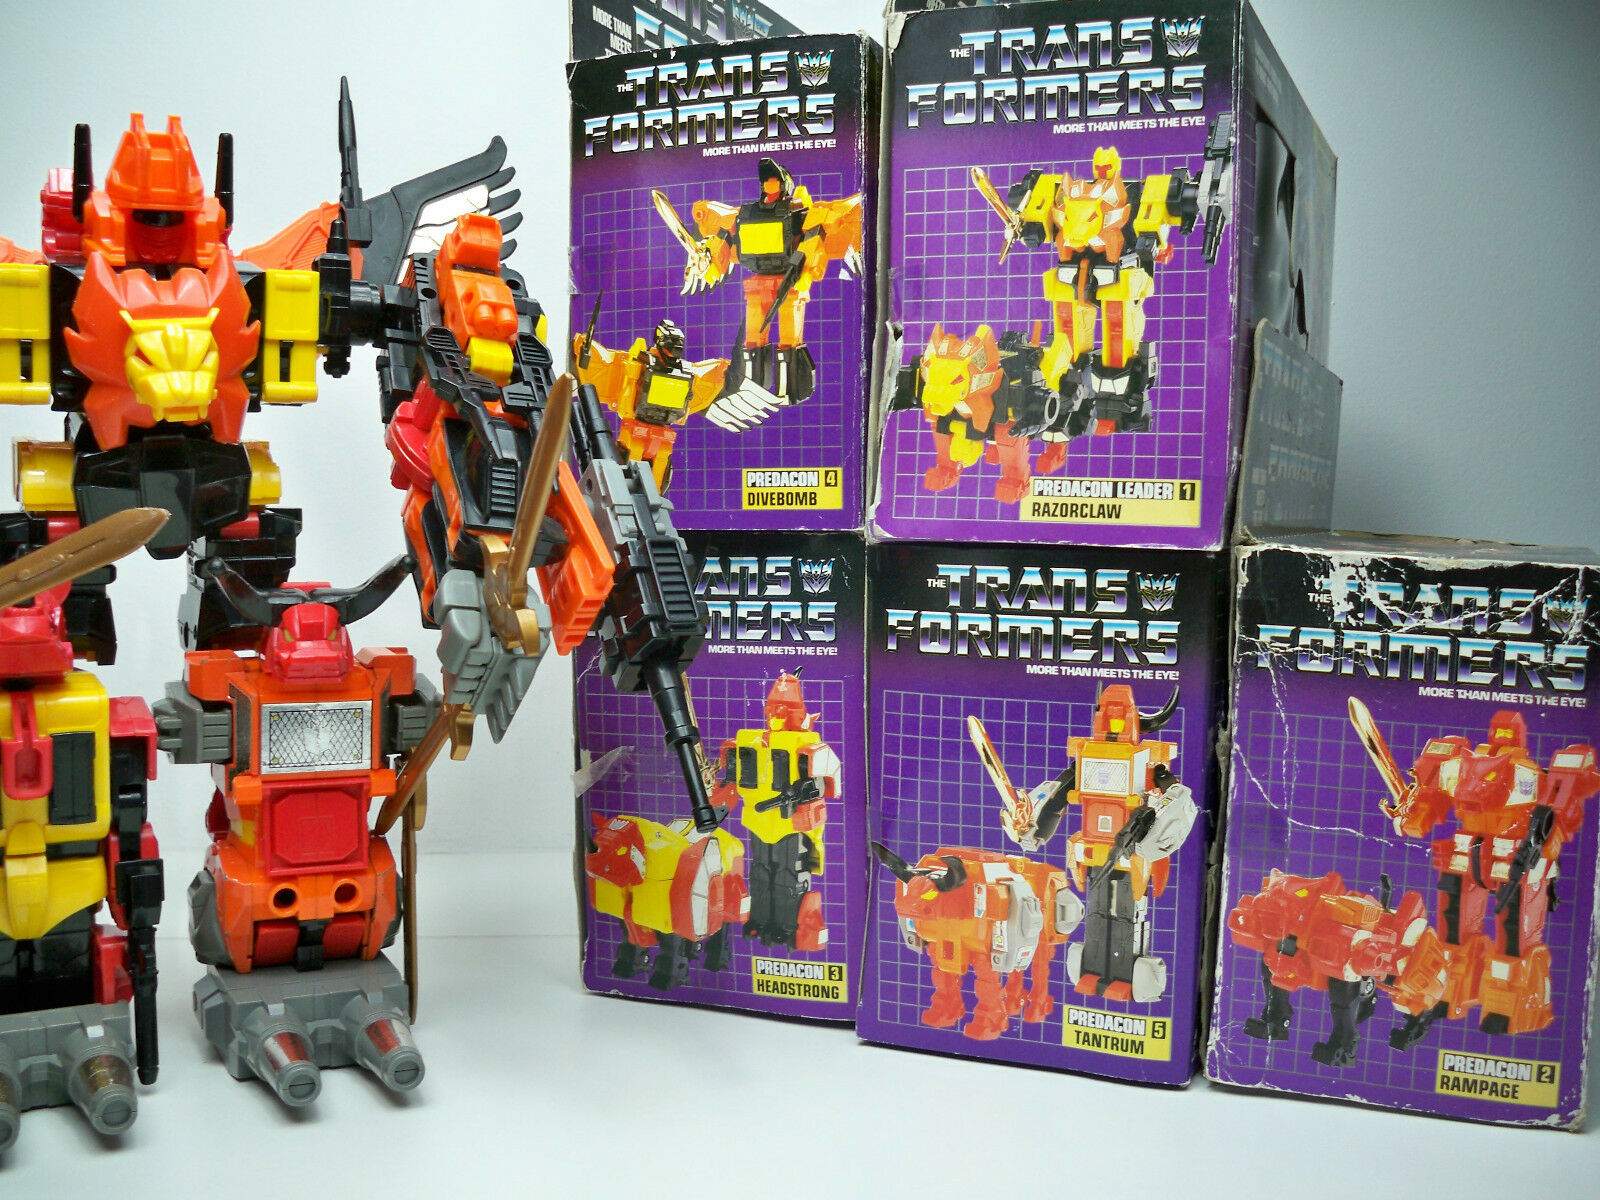 a la venta K1599255 Predaking Predacons Metal Set Transformers G1 Mib Mib Mib Syle 100% Completo  despacho de tienda